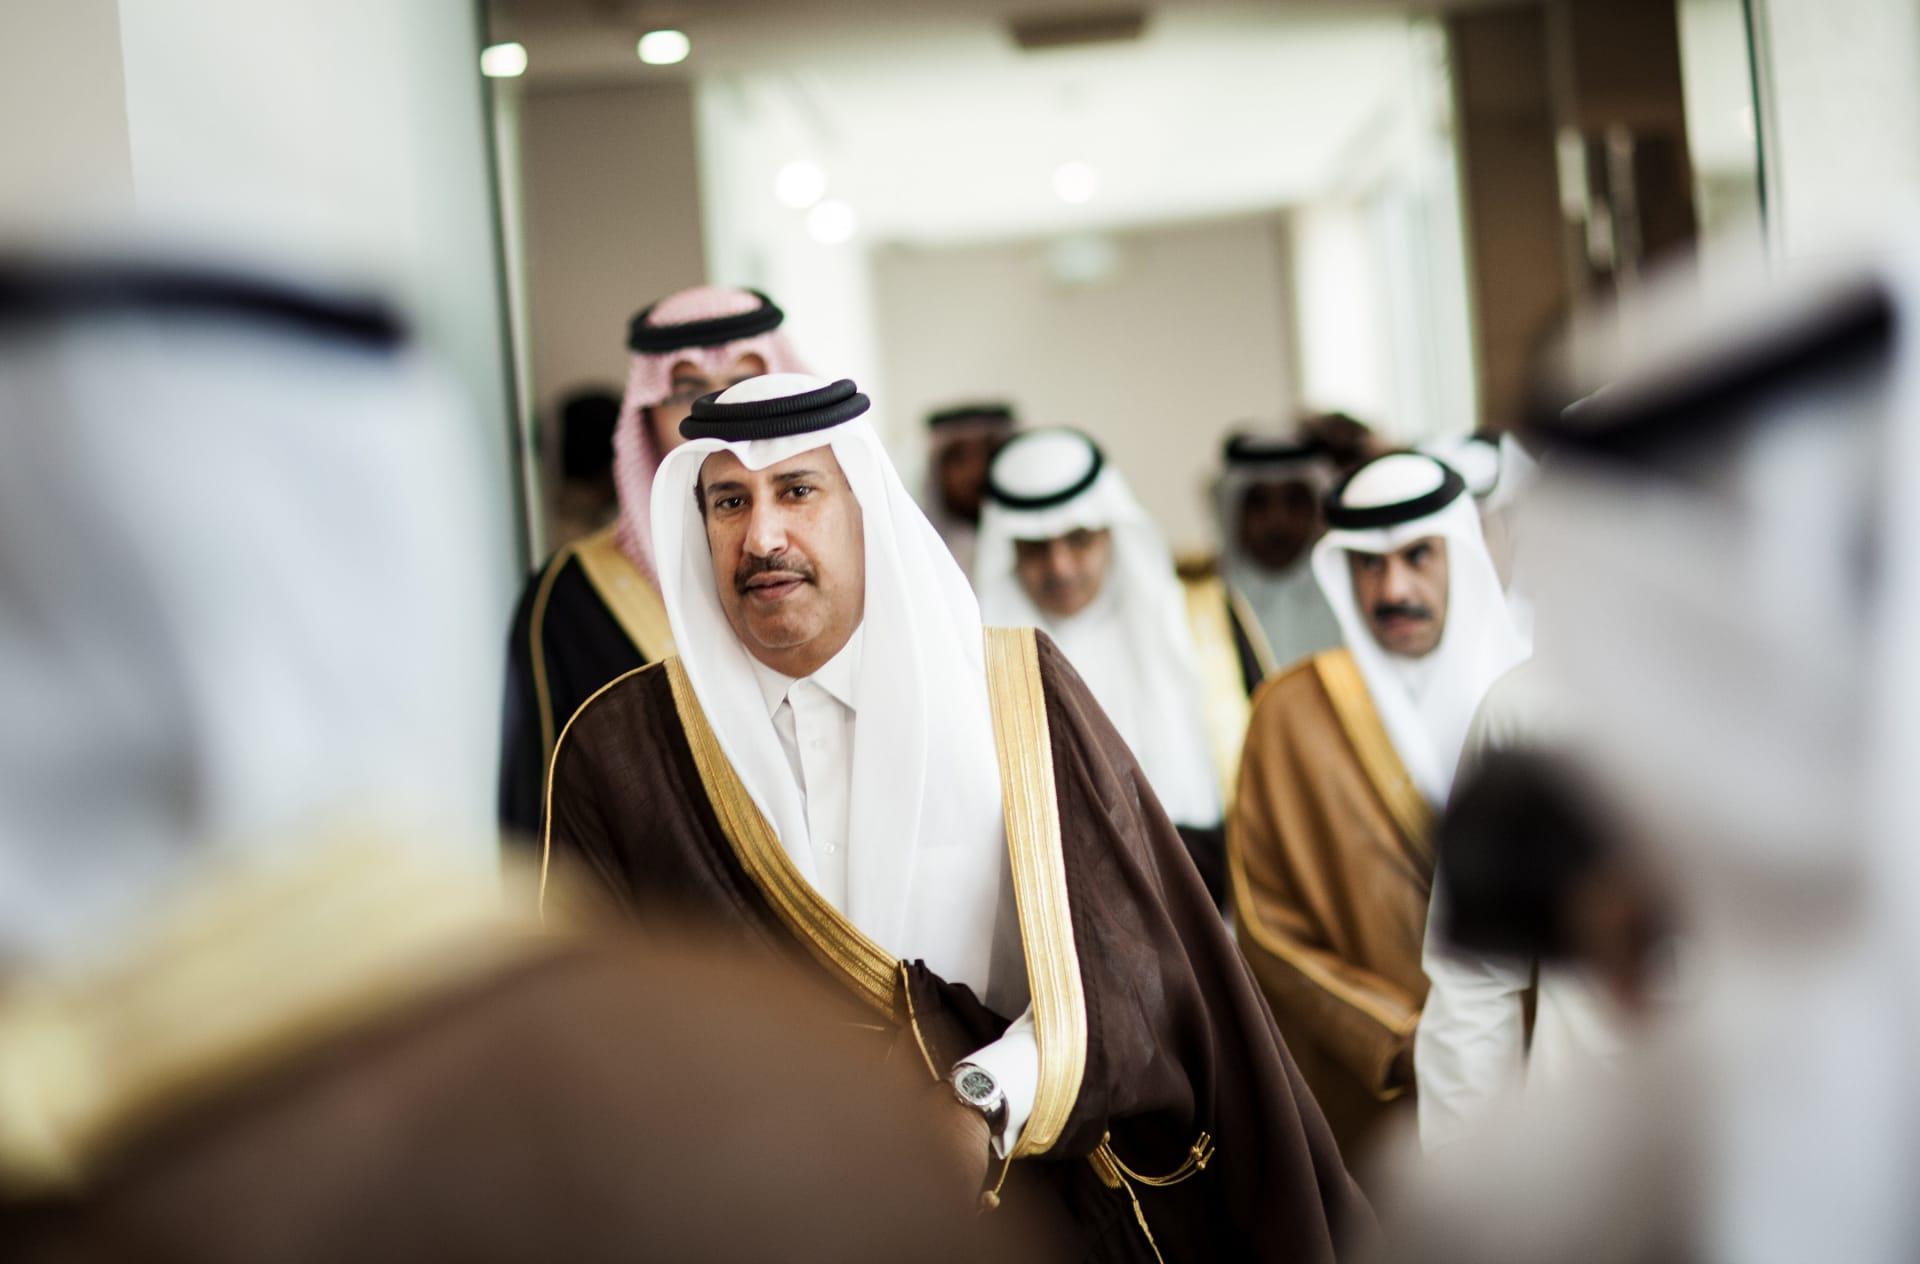 صورة ارشيفية للشيخ حمد بن جاسم